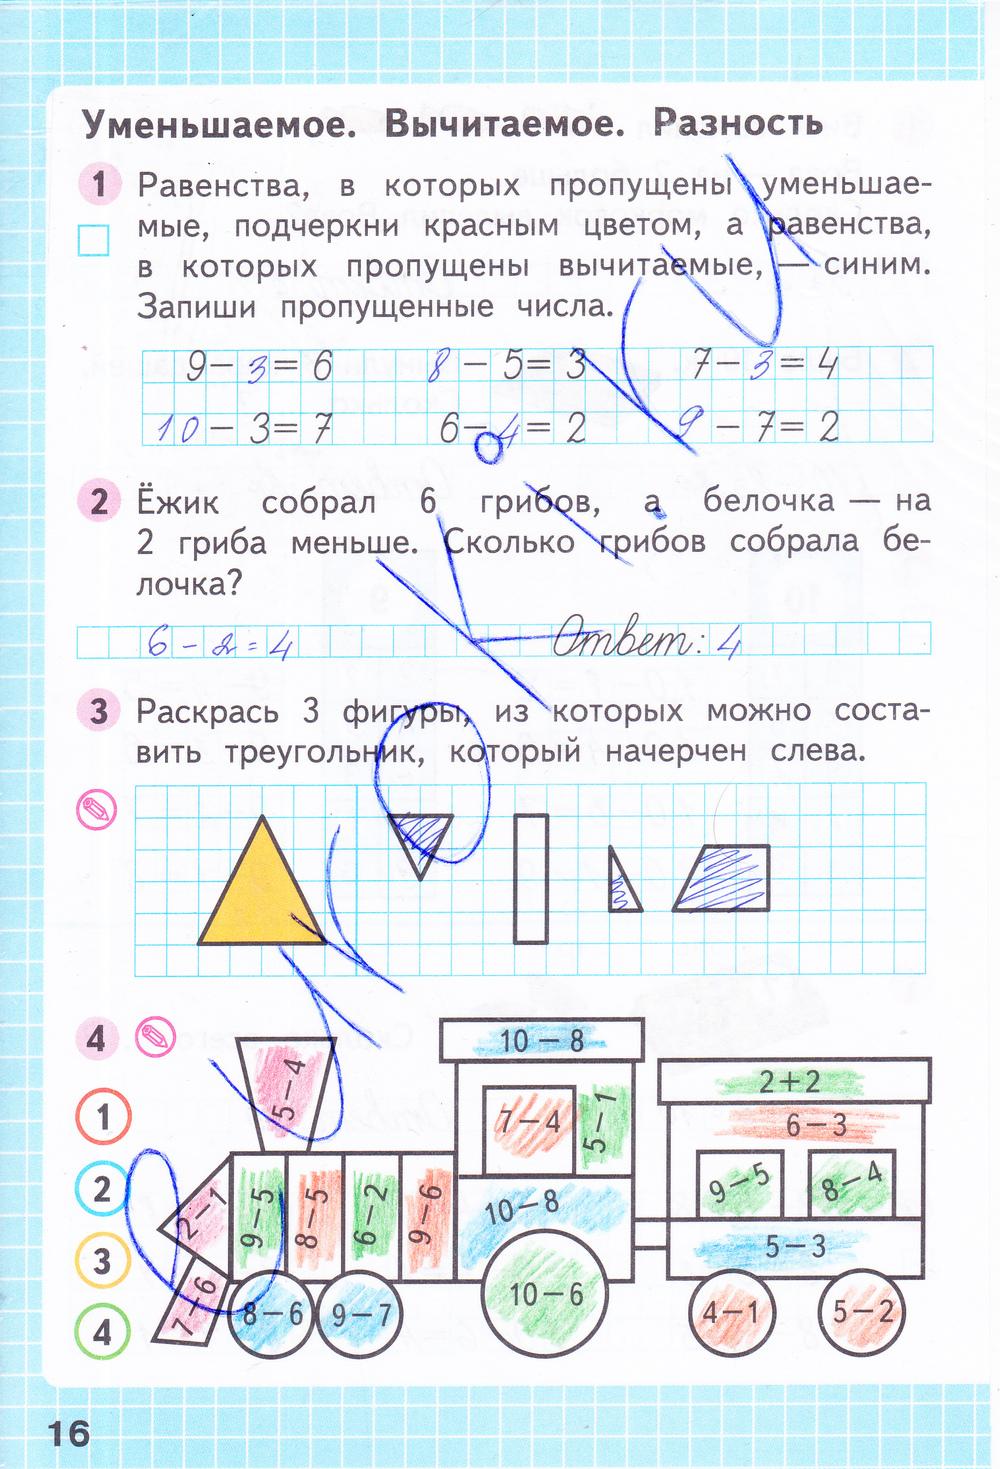 ГДЗ по математике 1 класс рабочая тетрадь Моро, Волкова Часть 1, 2. Задание: стр. 16